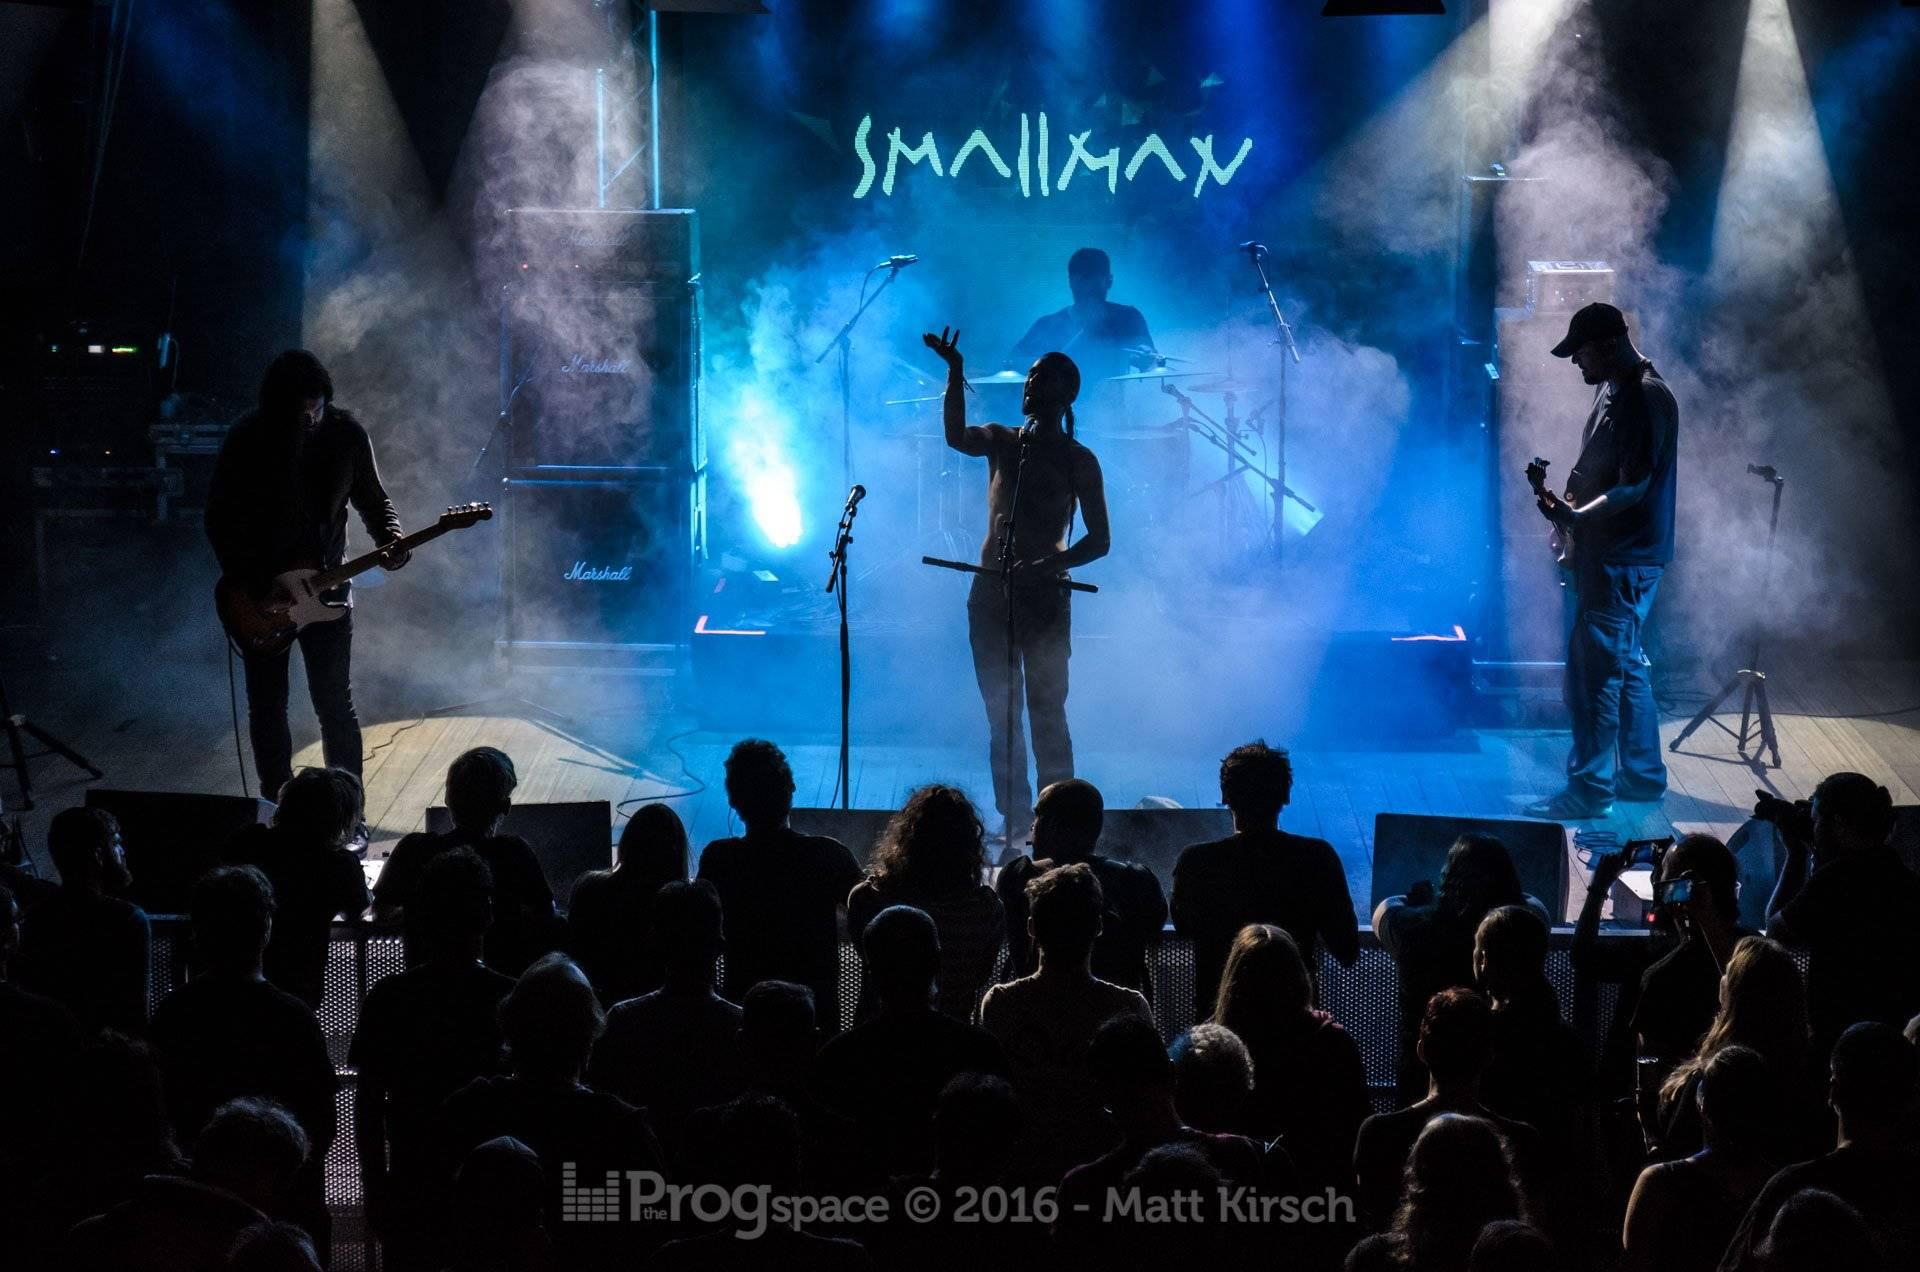 Smallman at ProgPower Europe 2016